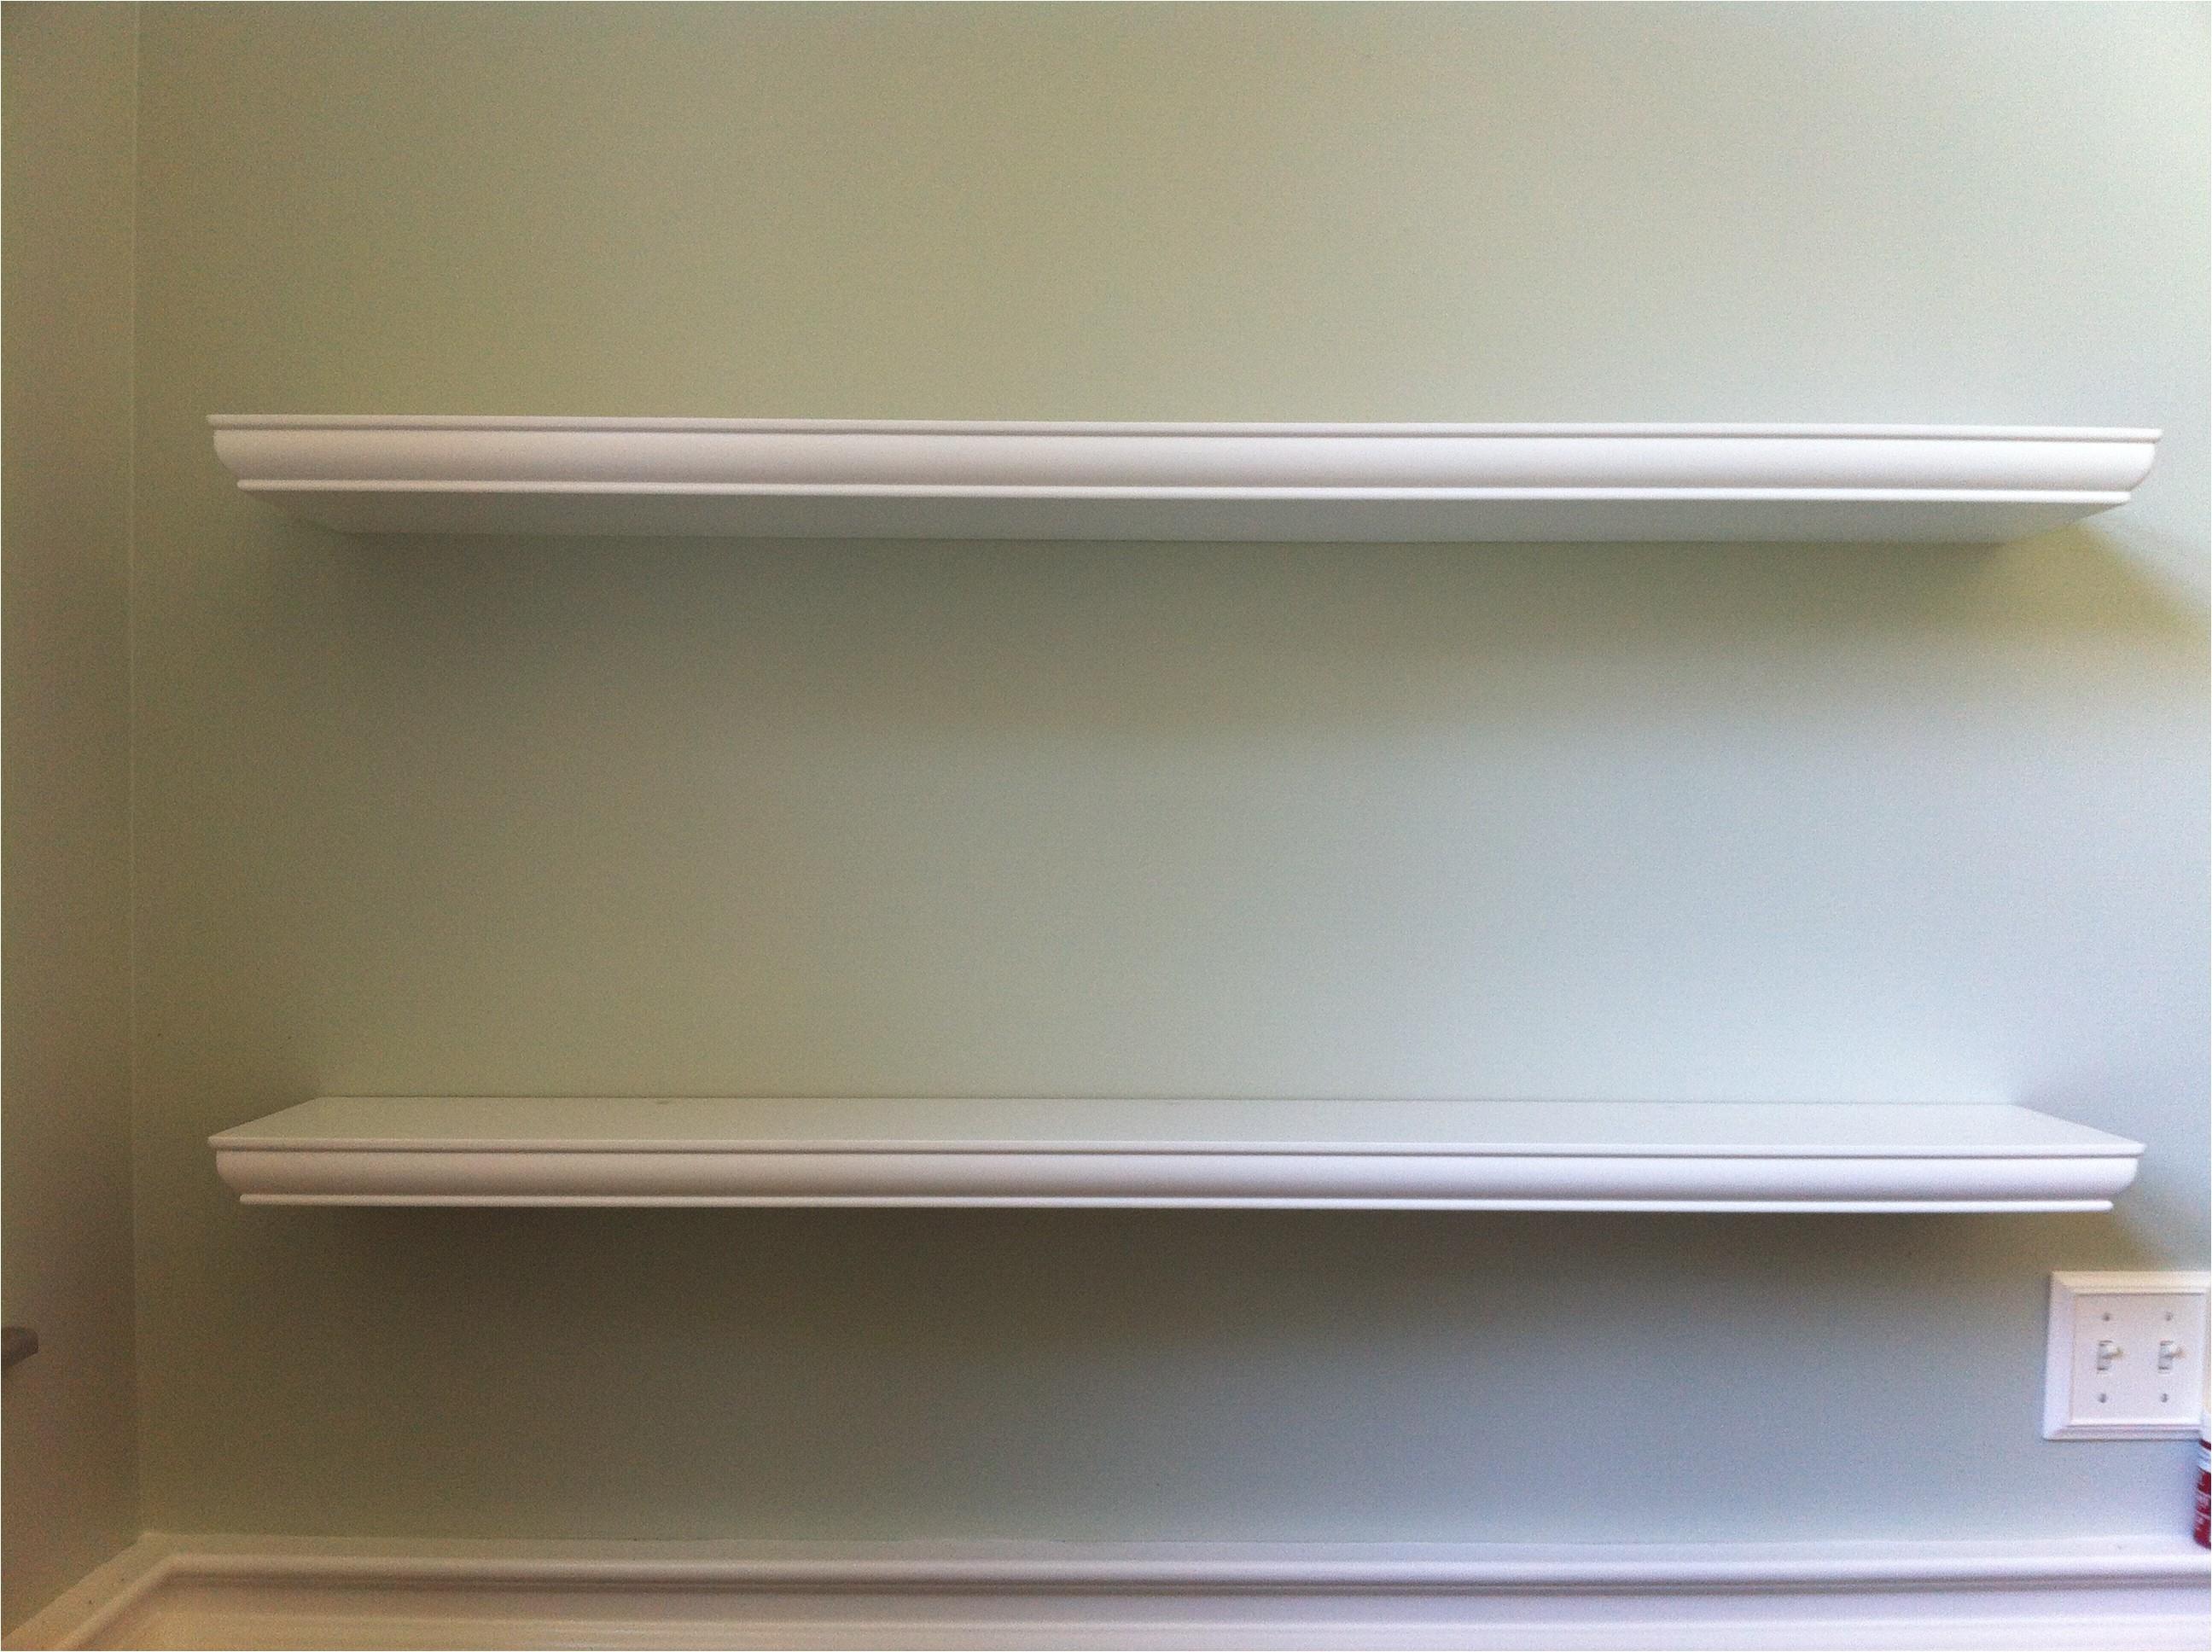 White Floating Shelves Lowes Floating Corner Shelves Lowes with Charming White Floating